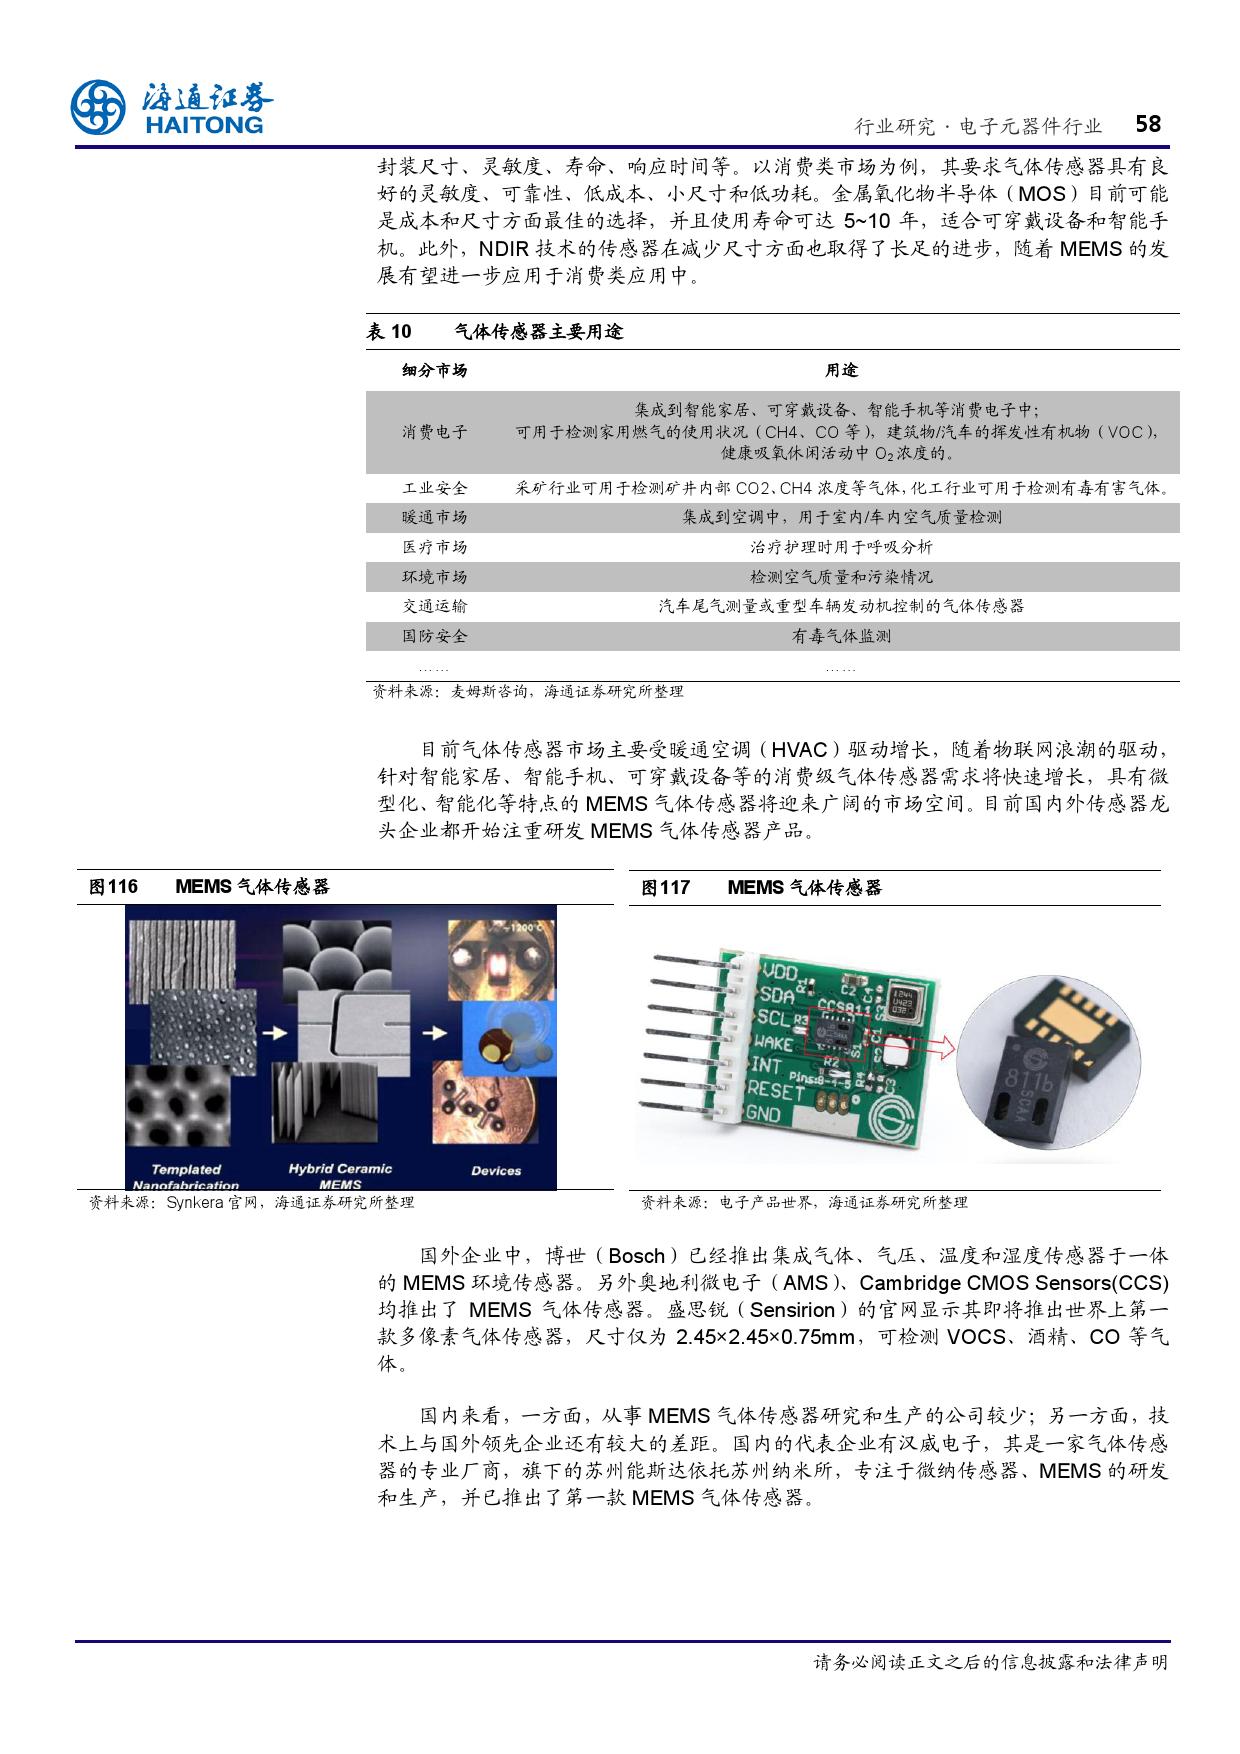 报告全解传感器全球产业链_000058